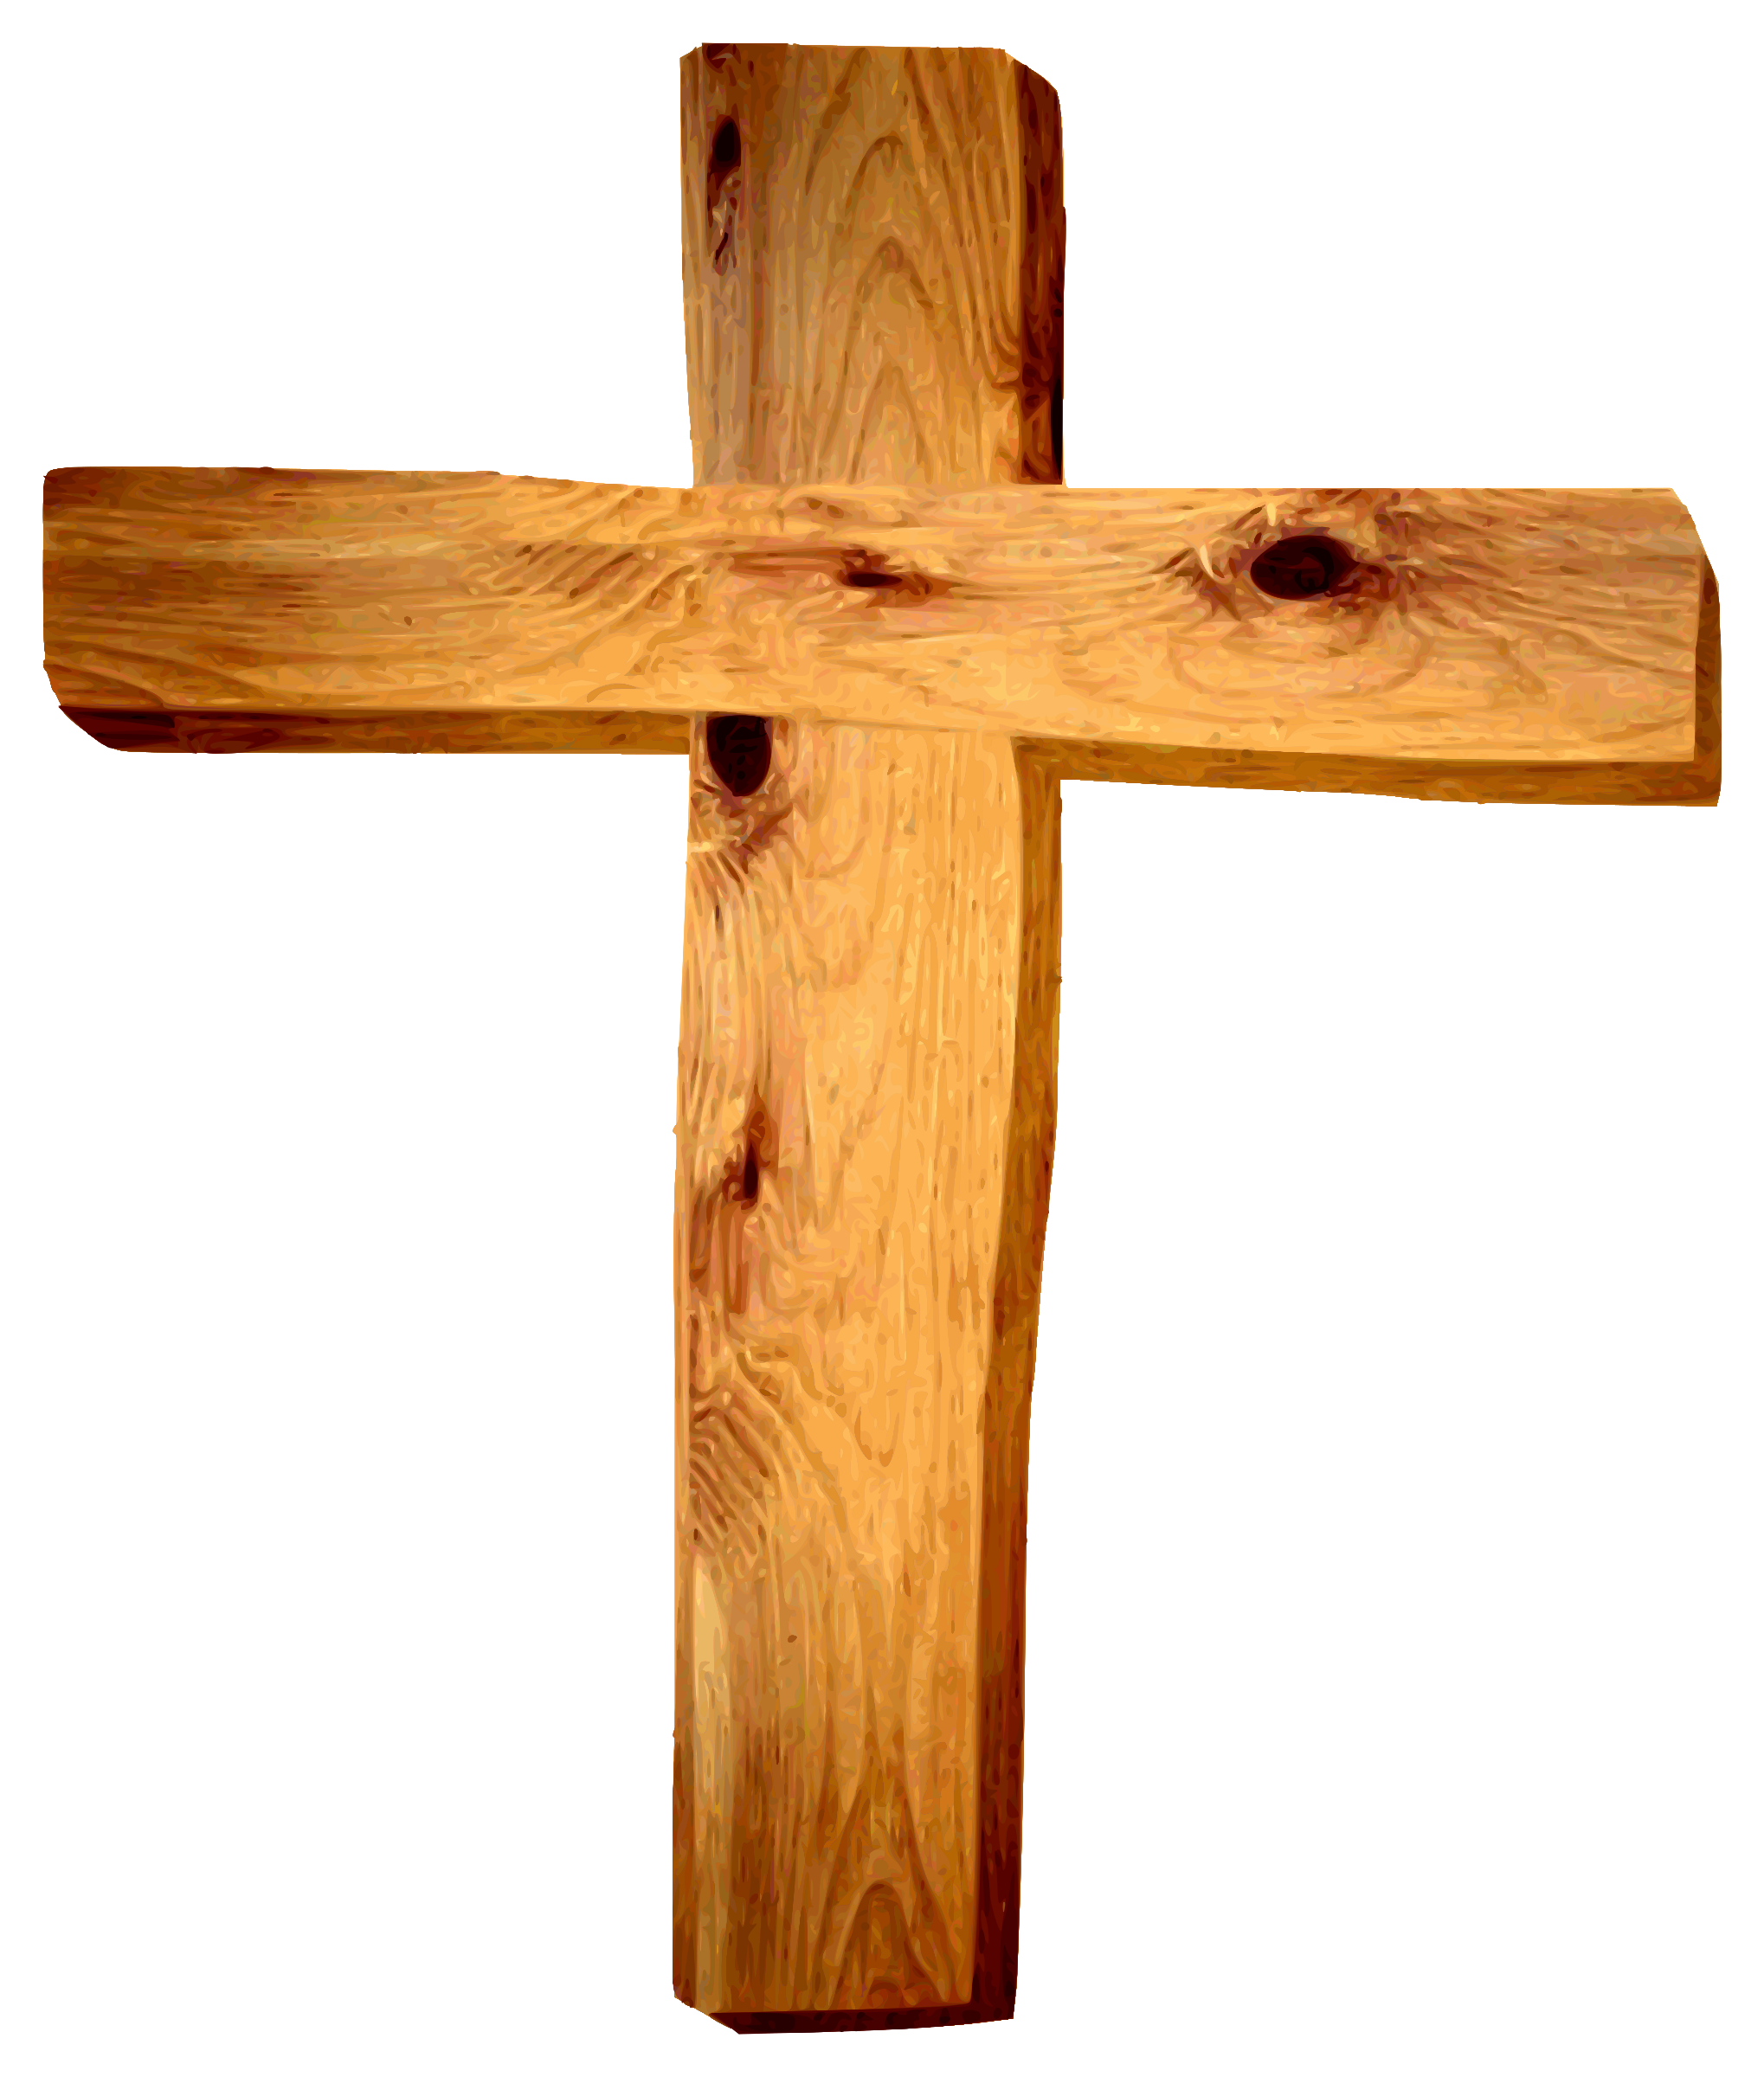 crucifix clipart wooden cross